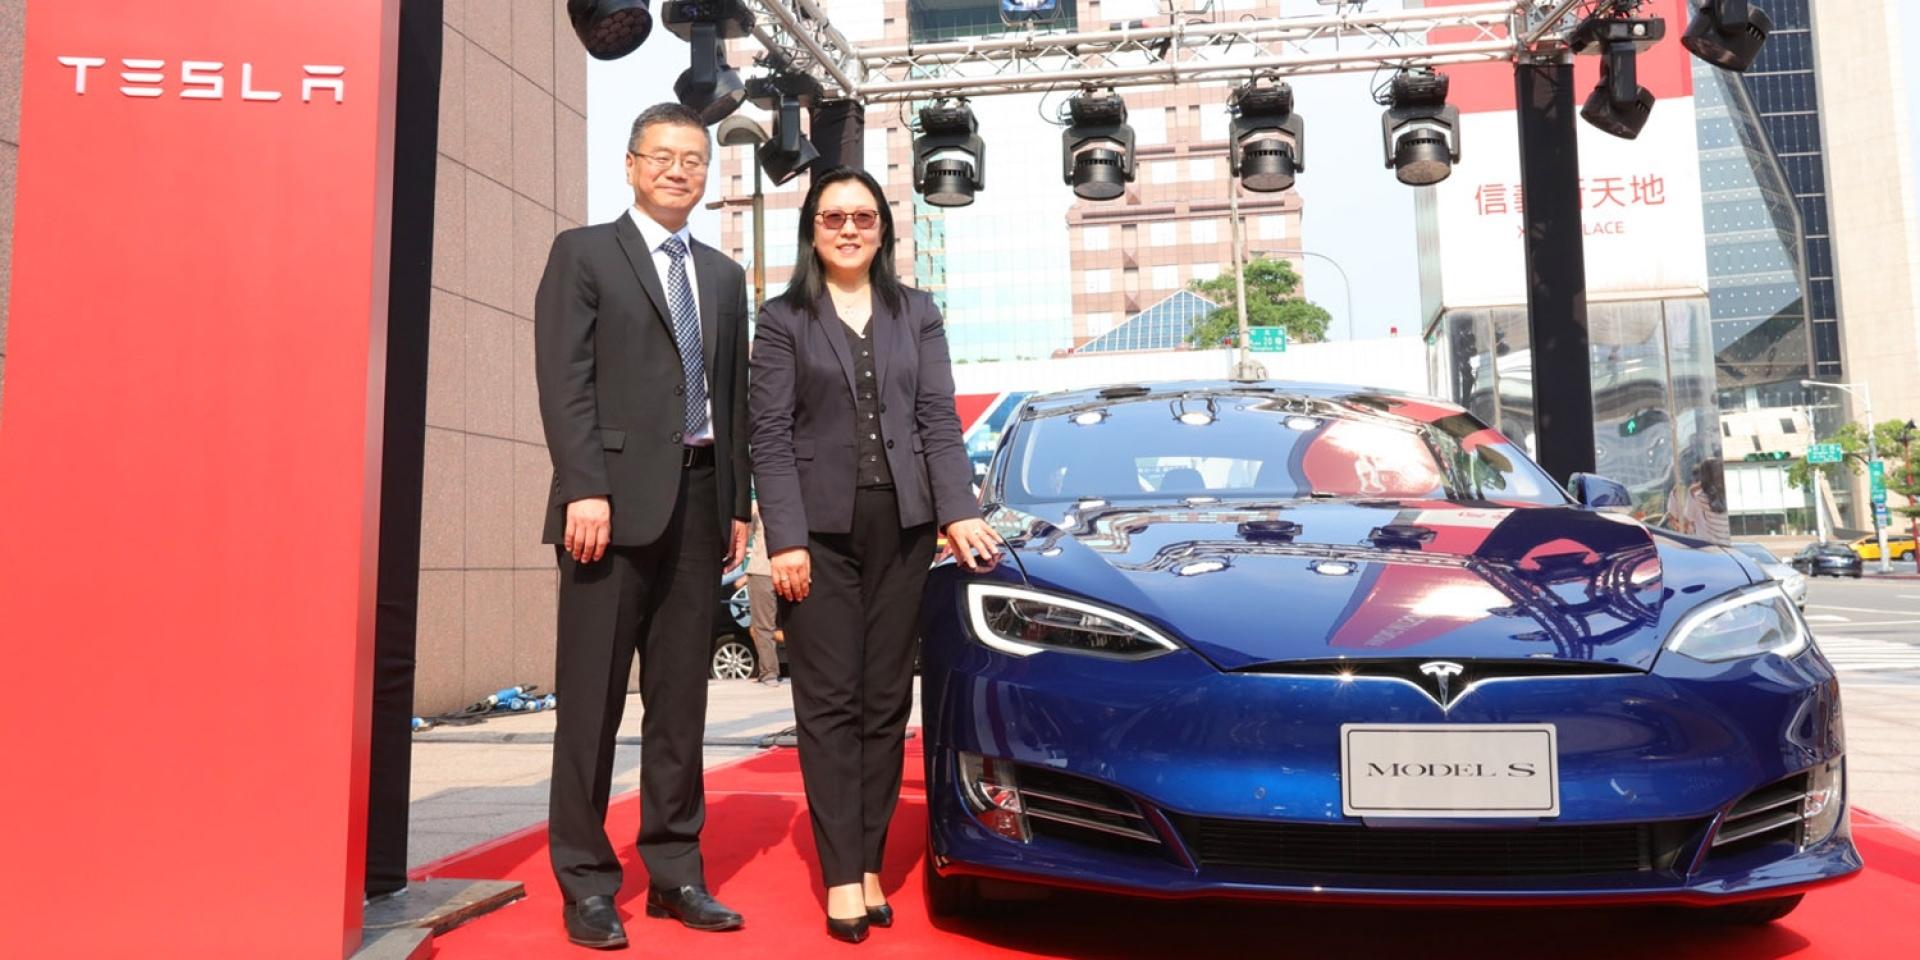 官方新聞稿。Tesla 特斯拉台灣旗艦店正式開幕 創造電動車新里程